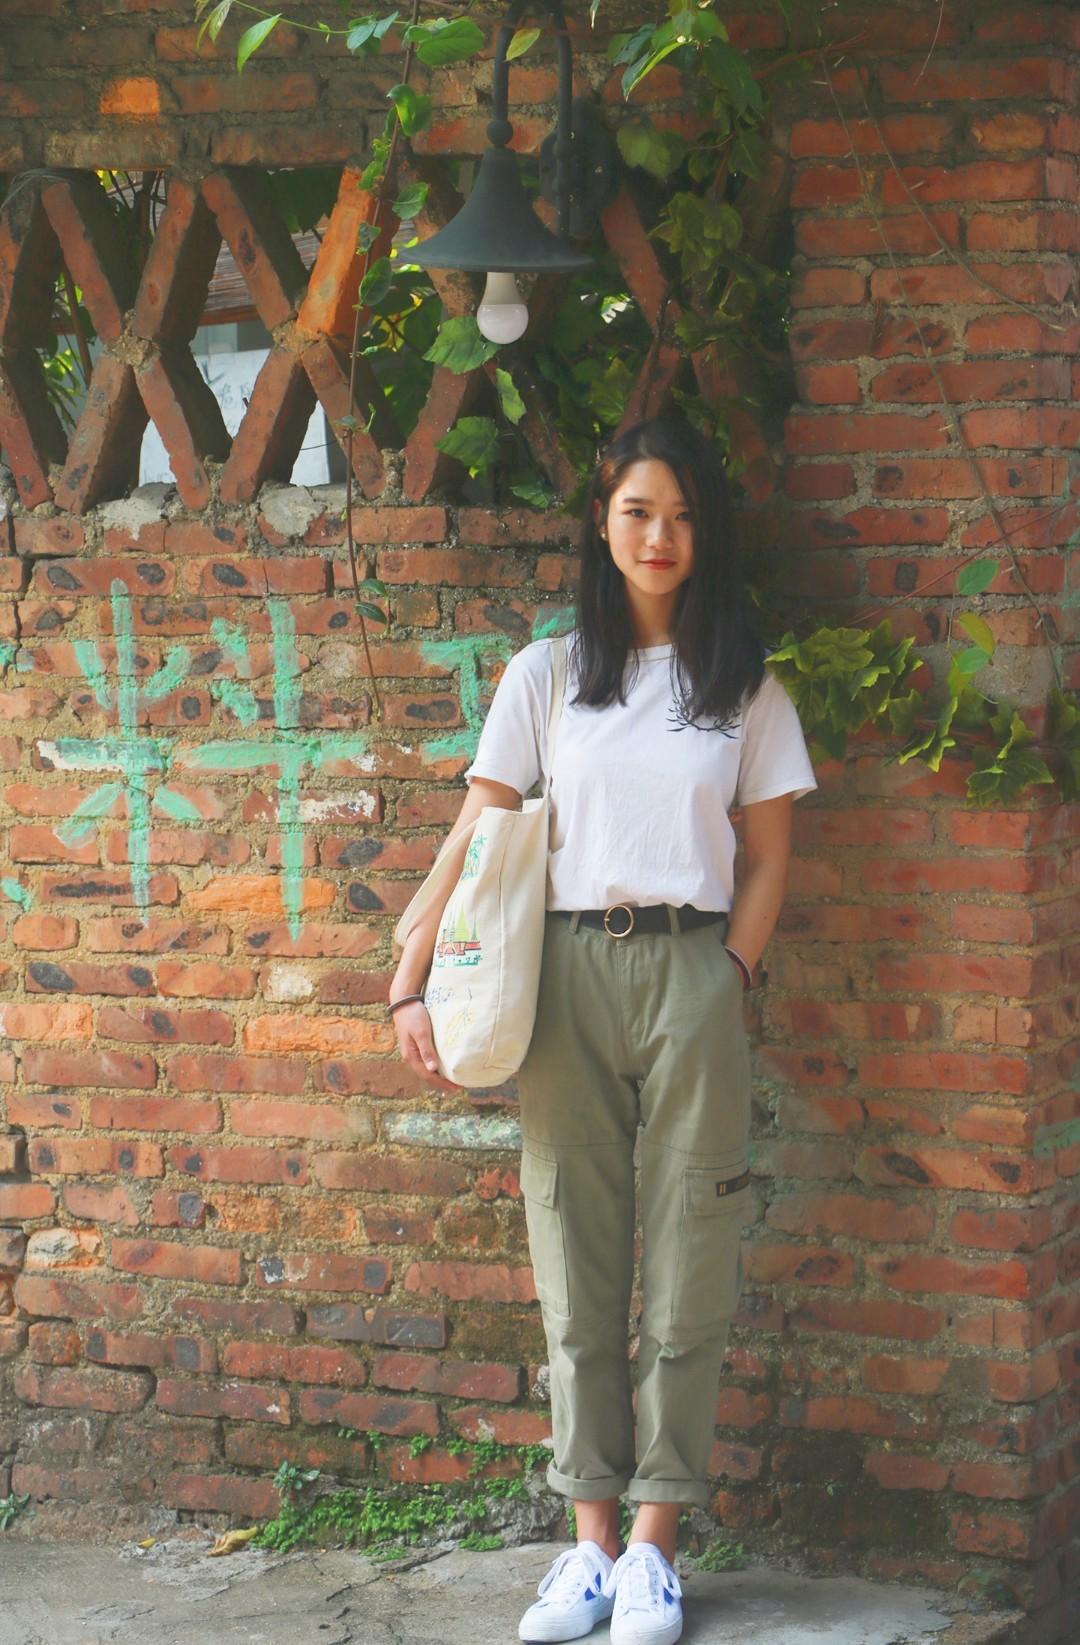 夏天到啦,必不可少的肯定是短袖呀,这次和朋友出门选择了一件简单的棉白T搭配绿色直筒工装裤,工装休闲超级酷,裤子是高腰设计,哈比特人如我最钟爱这种提高腰线的设计嘻嘻,搭配回力的蓝色百事联名和涂鸦帆布包,街头女孩就是我啦#初夏换季期,短袖才是新墙头#